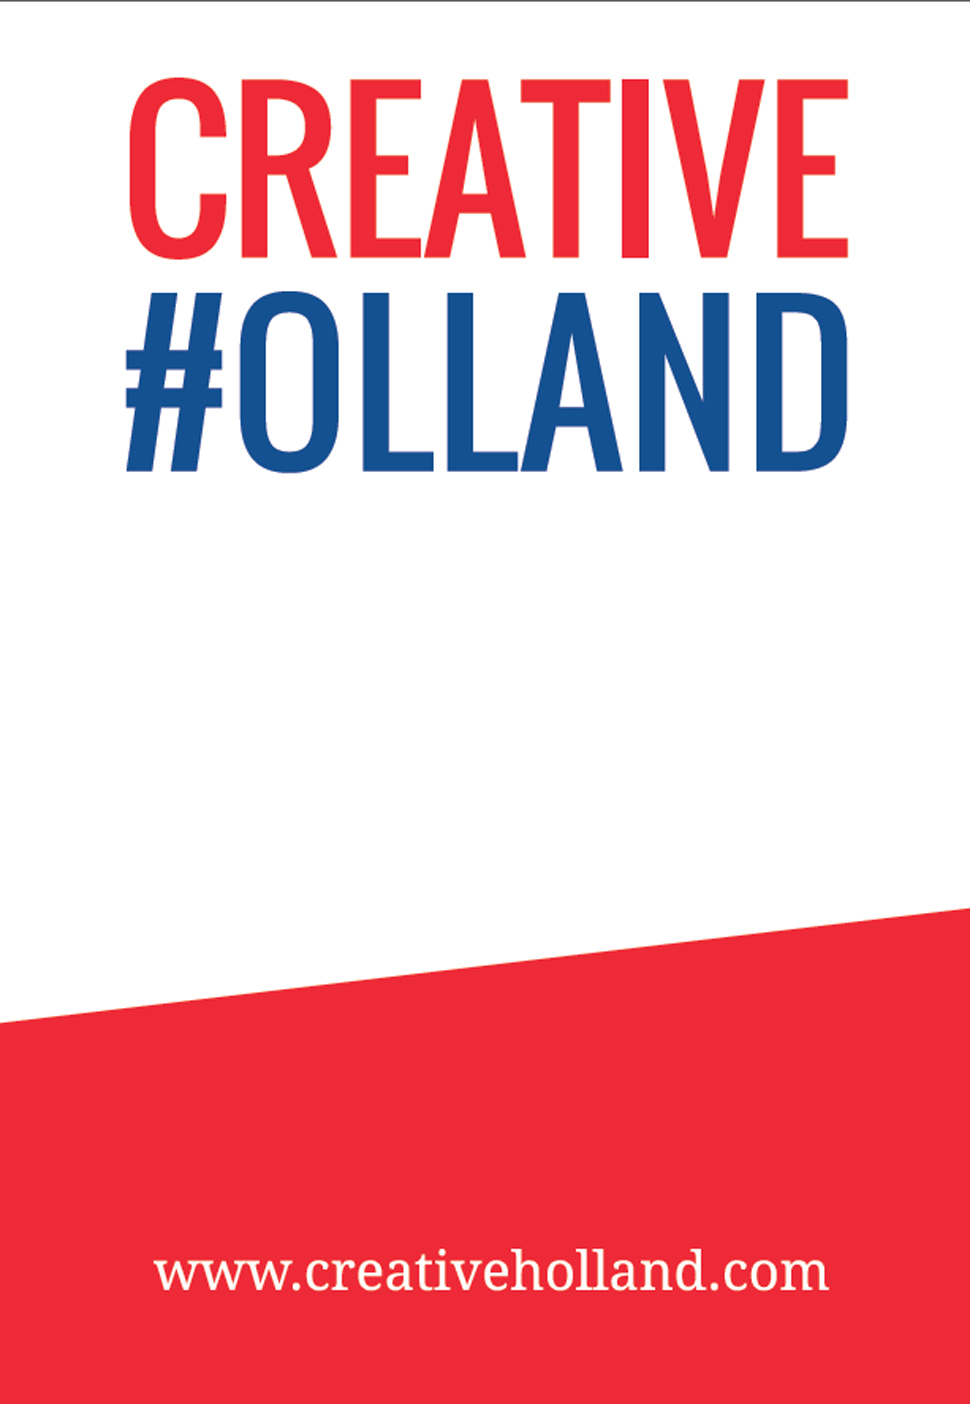 파트너 국가로 참여한 네덜란드의 포스터